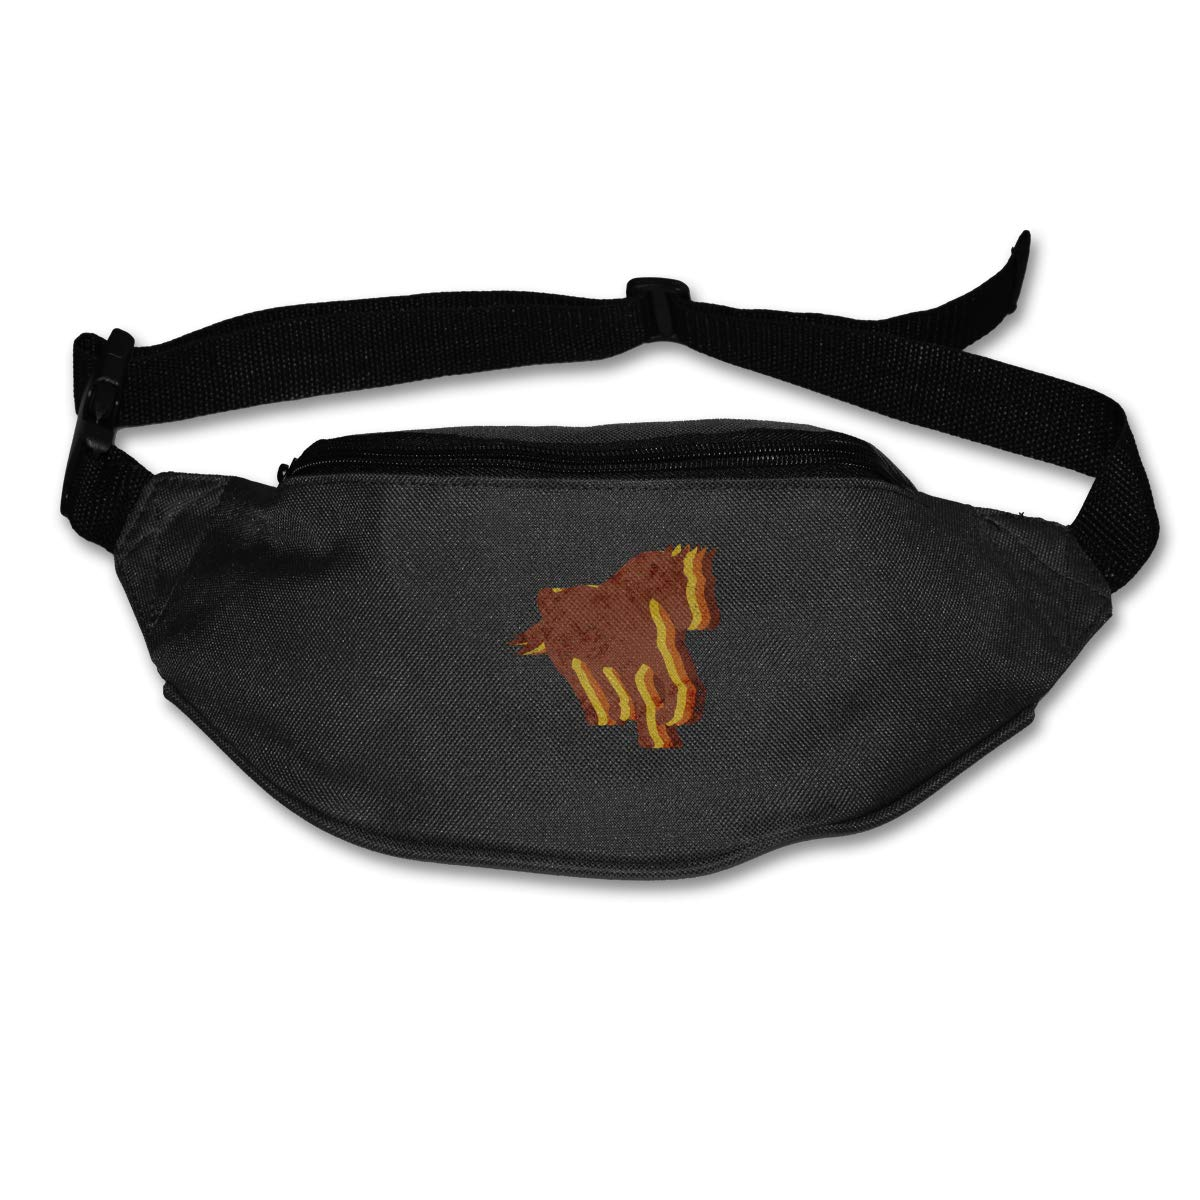 Kawaii Horse 1 Sport Waist Pack Fanny Pack Adjustable For Run